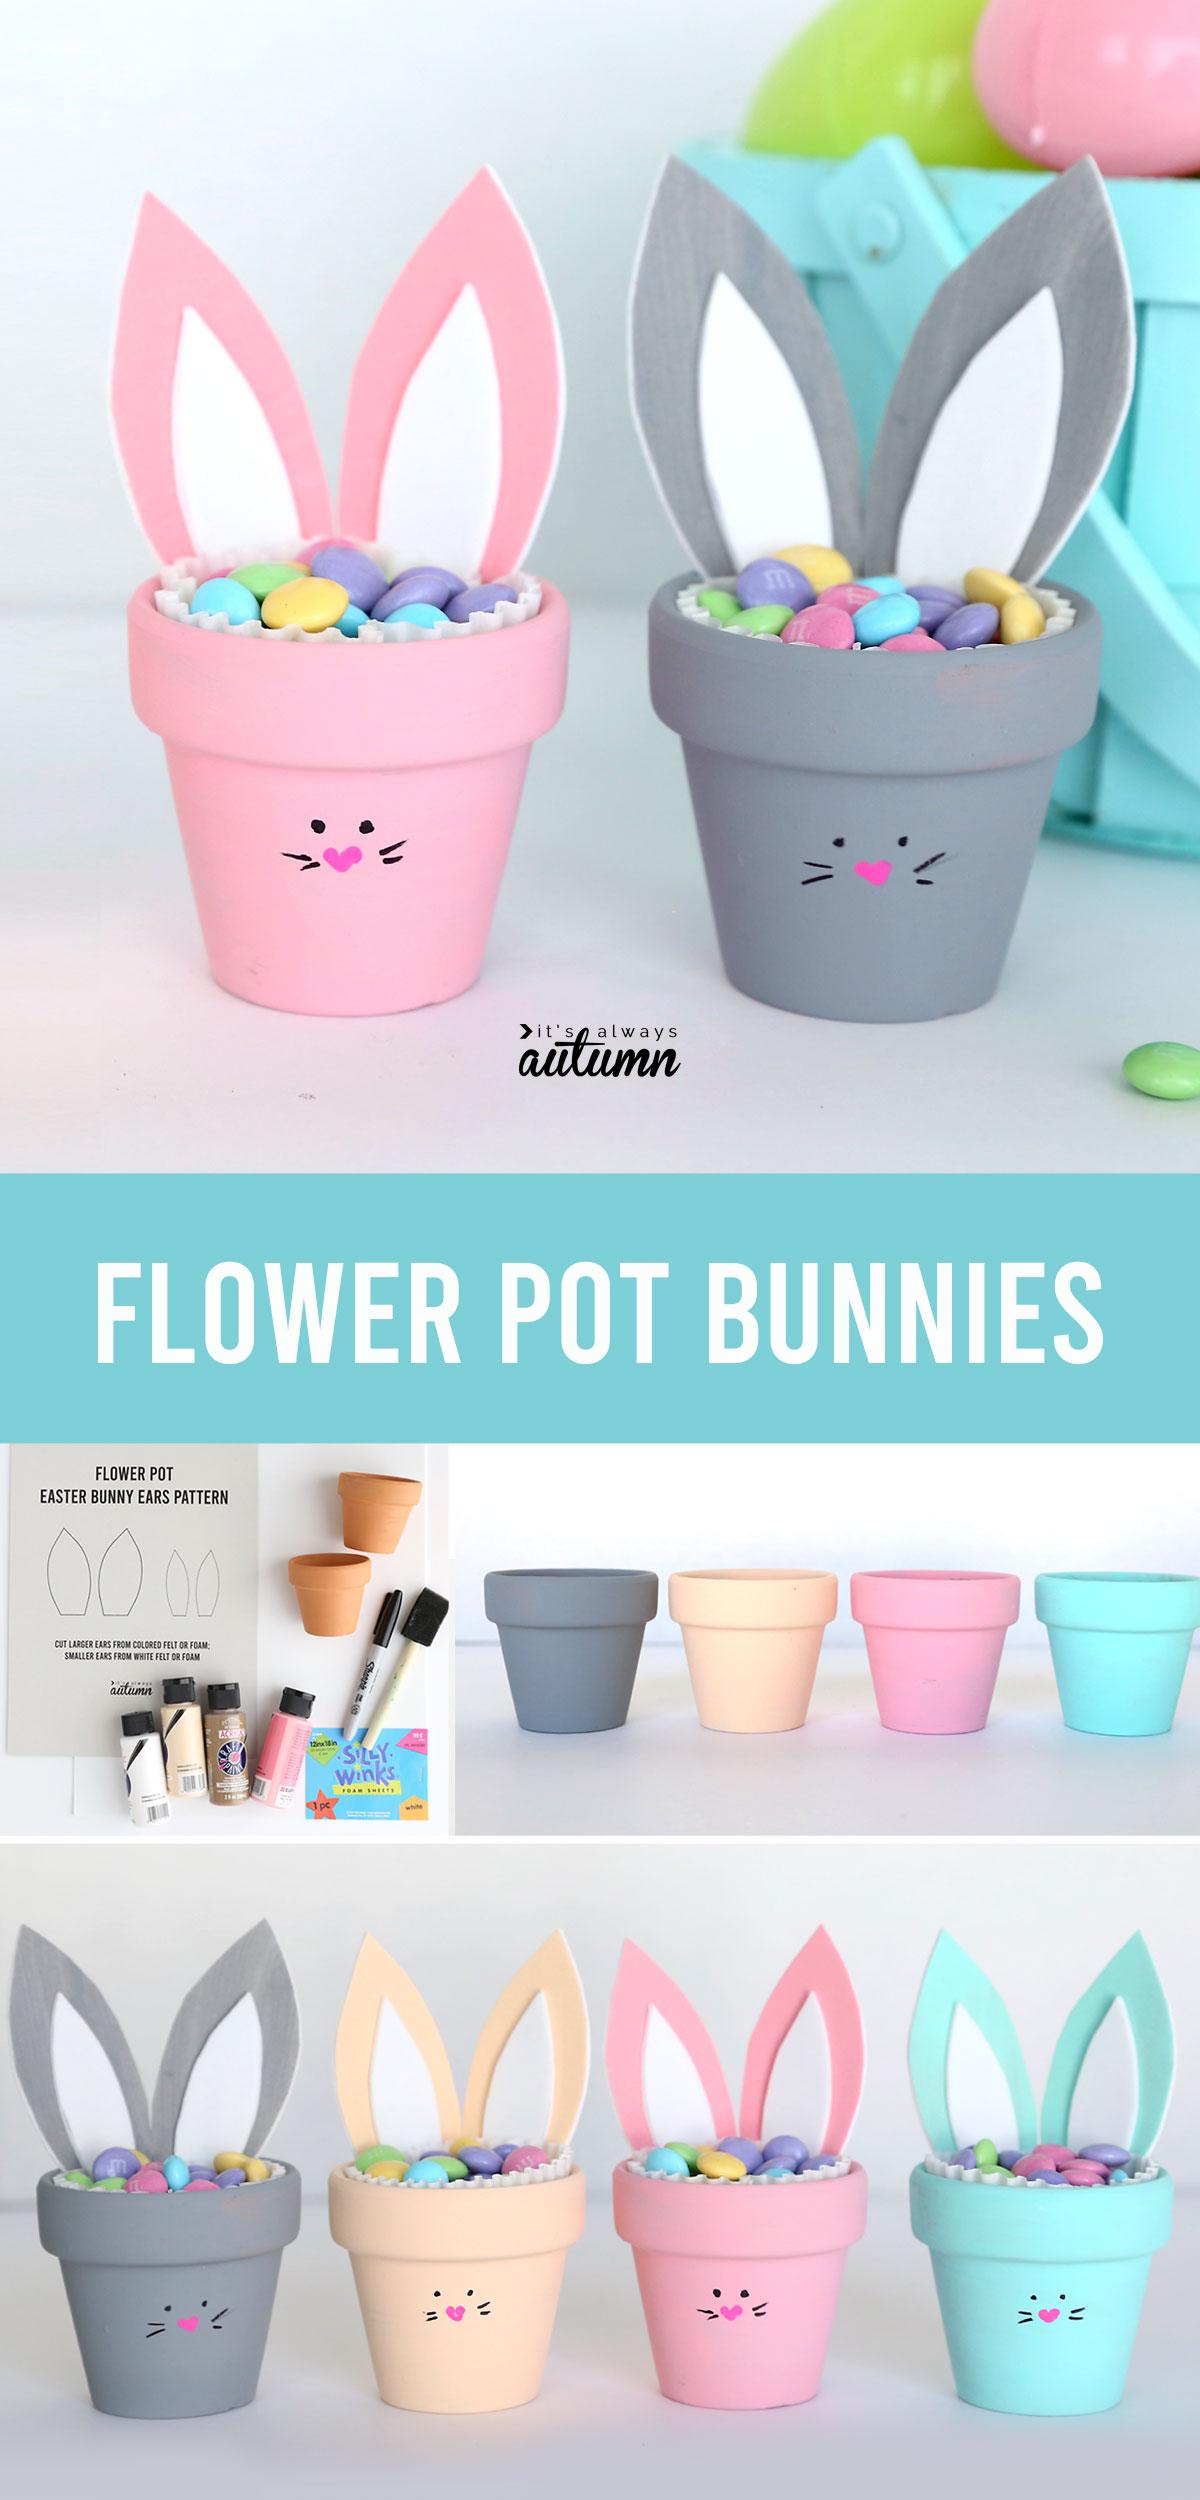 Flower pot bunnies craft; craft supplies; painted flower pots